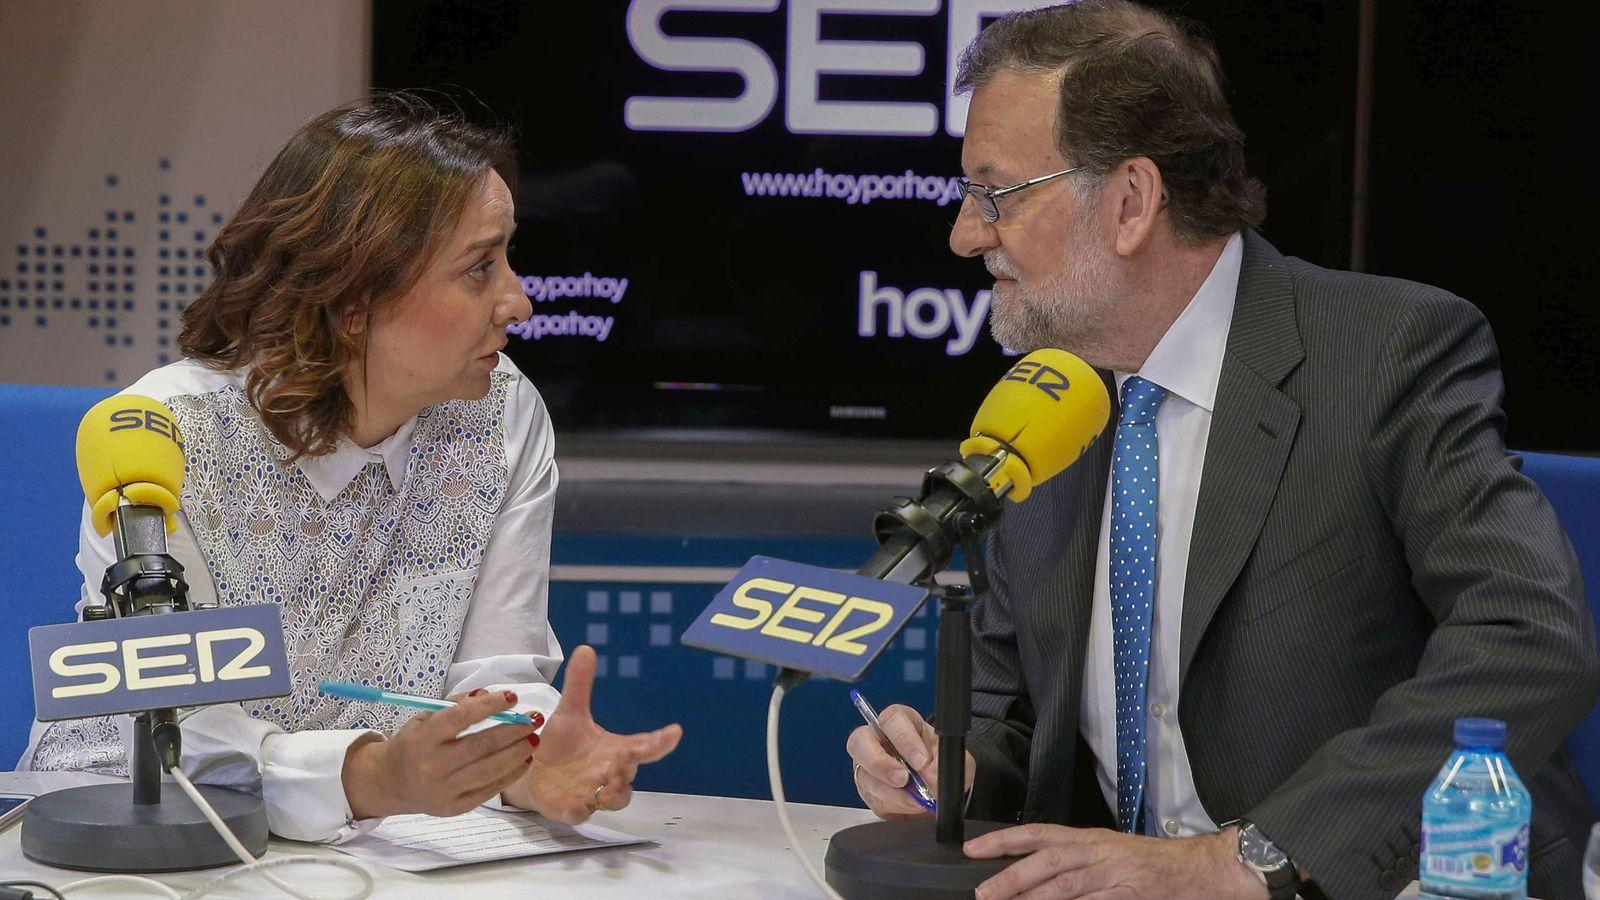 Foto: Mariano Rajoy, presidente del Gobierno, durante una entrevista en la Cadena SER. (EFE)